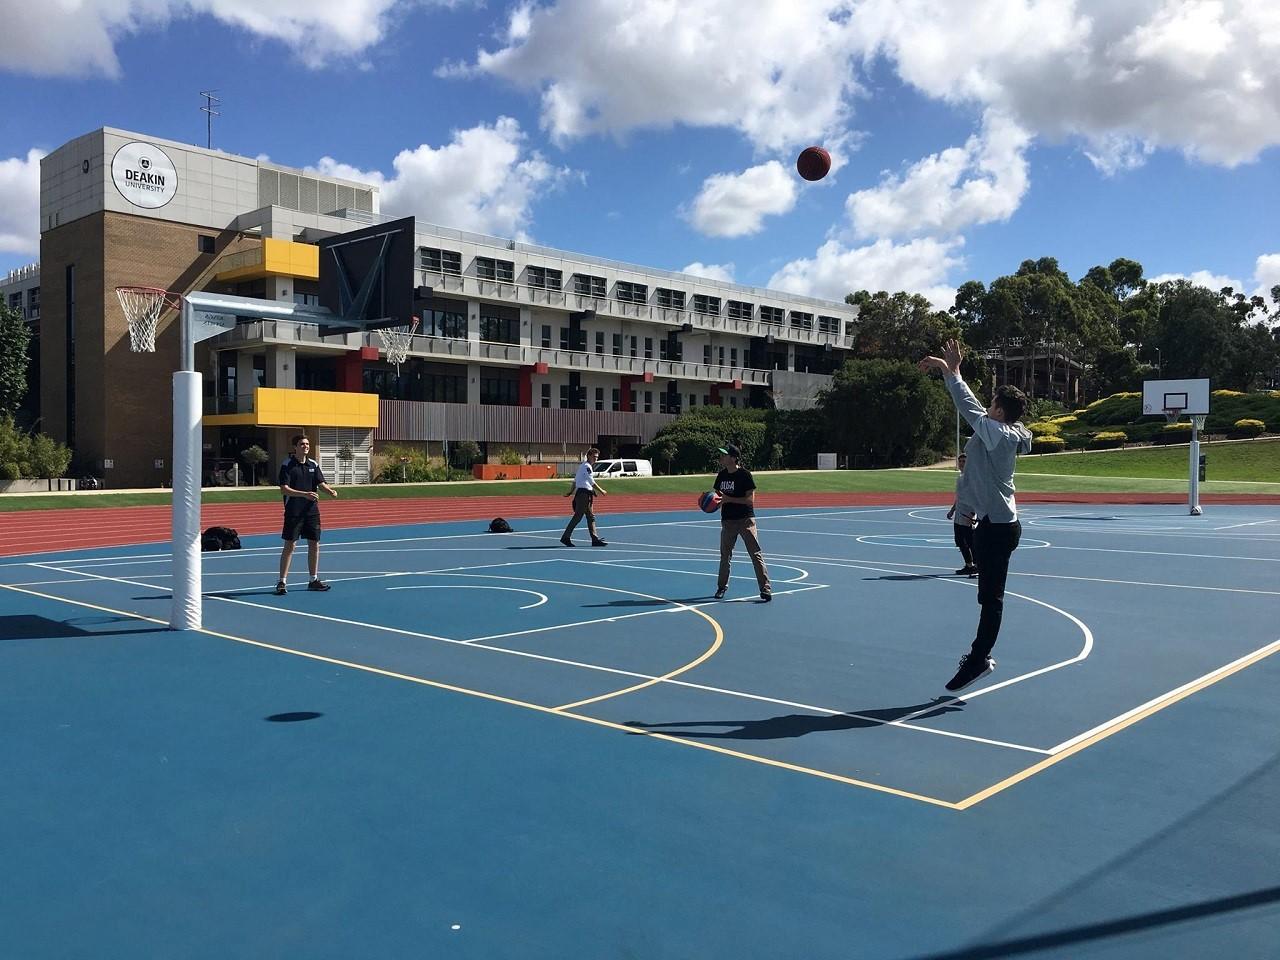 Du học Úc ngành thể thao tại Đại học Deakin - Top 5 cho lương sinh viên